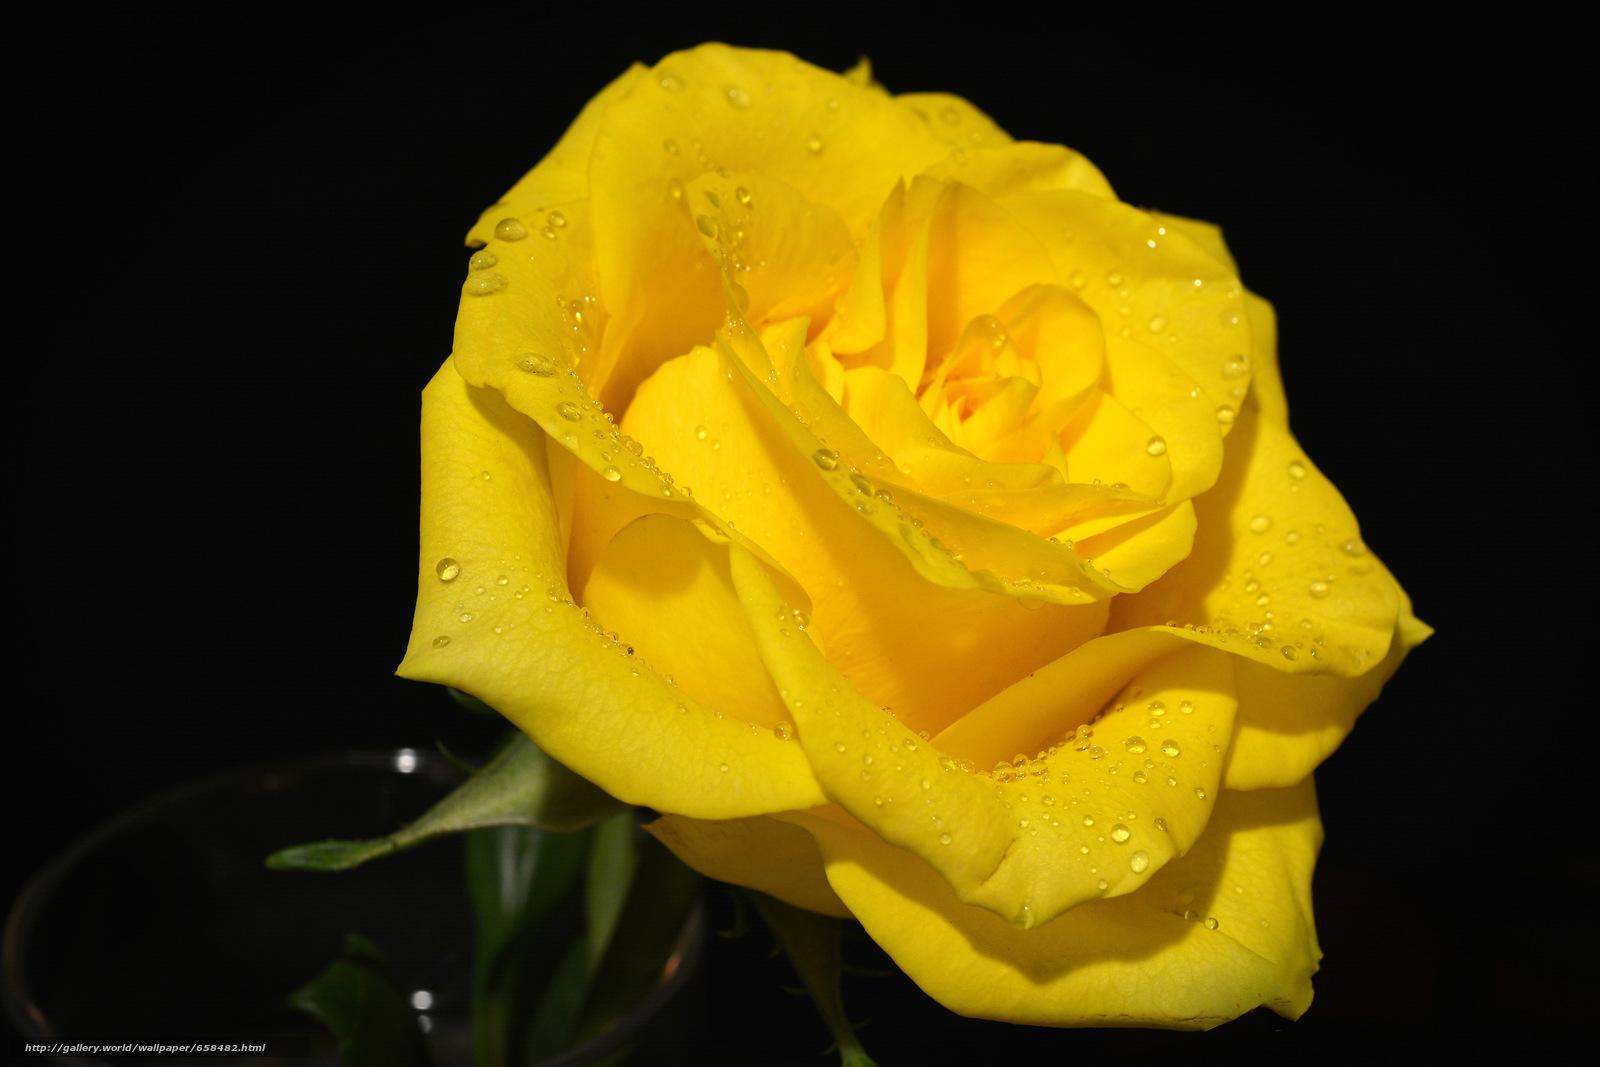 壁紙をダウンロード 花,  フラワーズ,  フローラ,  ローズ デスクトップの解像度のための無料壁紙 6000x4000 — 絵 №658482